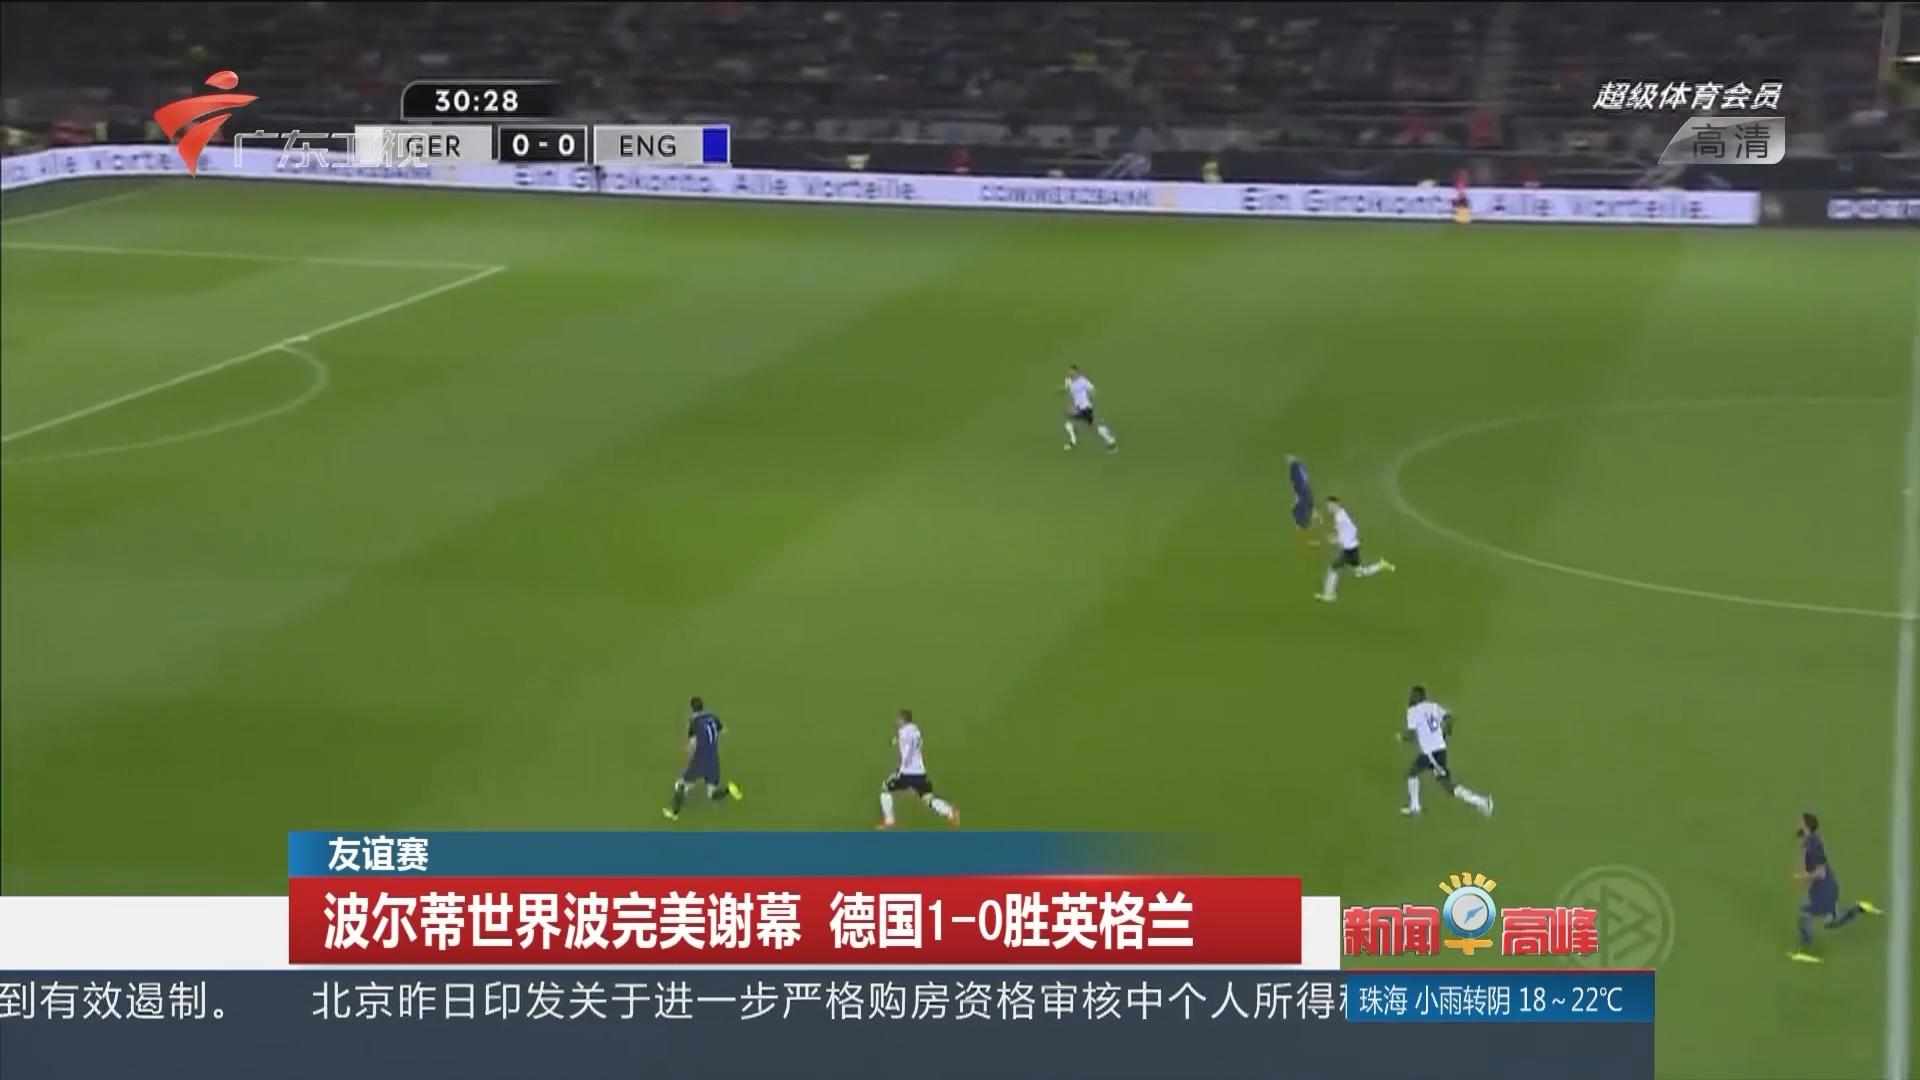 友谊赛:波尔蒂世界波完美谢幕 德国1-0胜英格兰